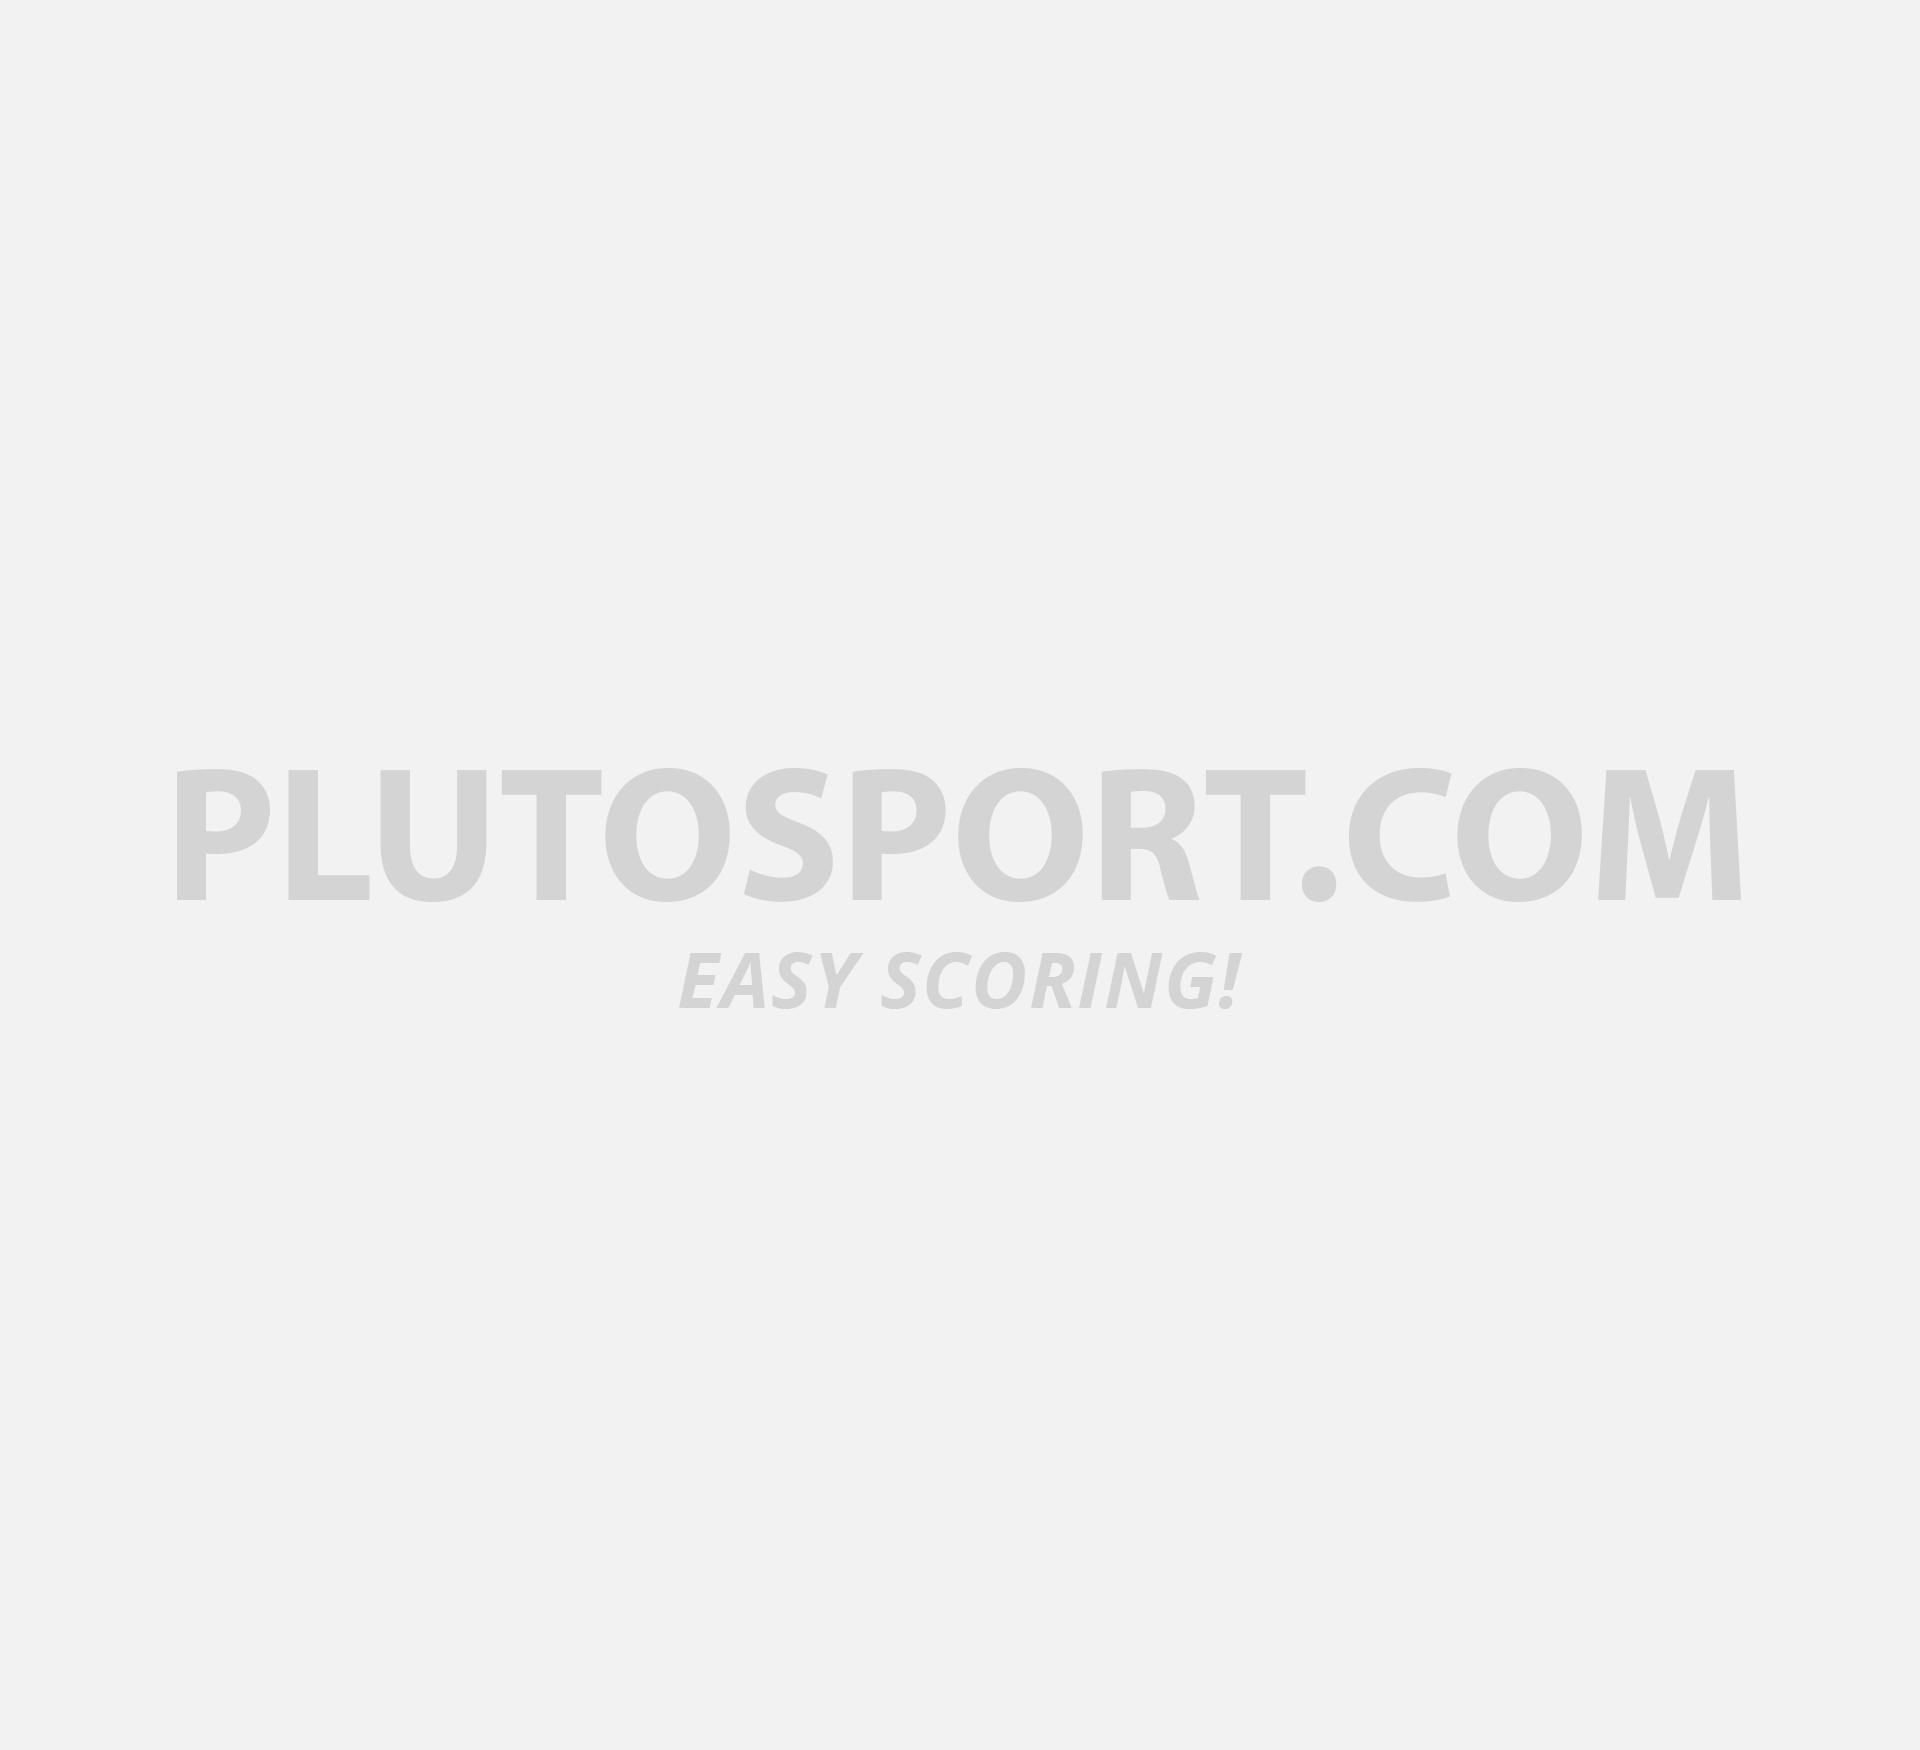 adidas zx flux 2.0 torsion